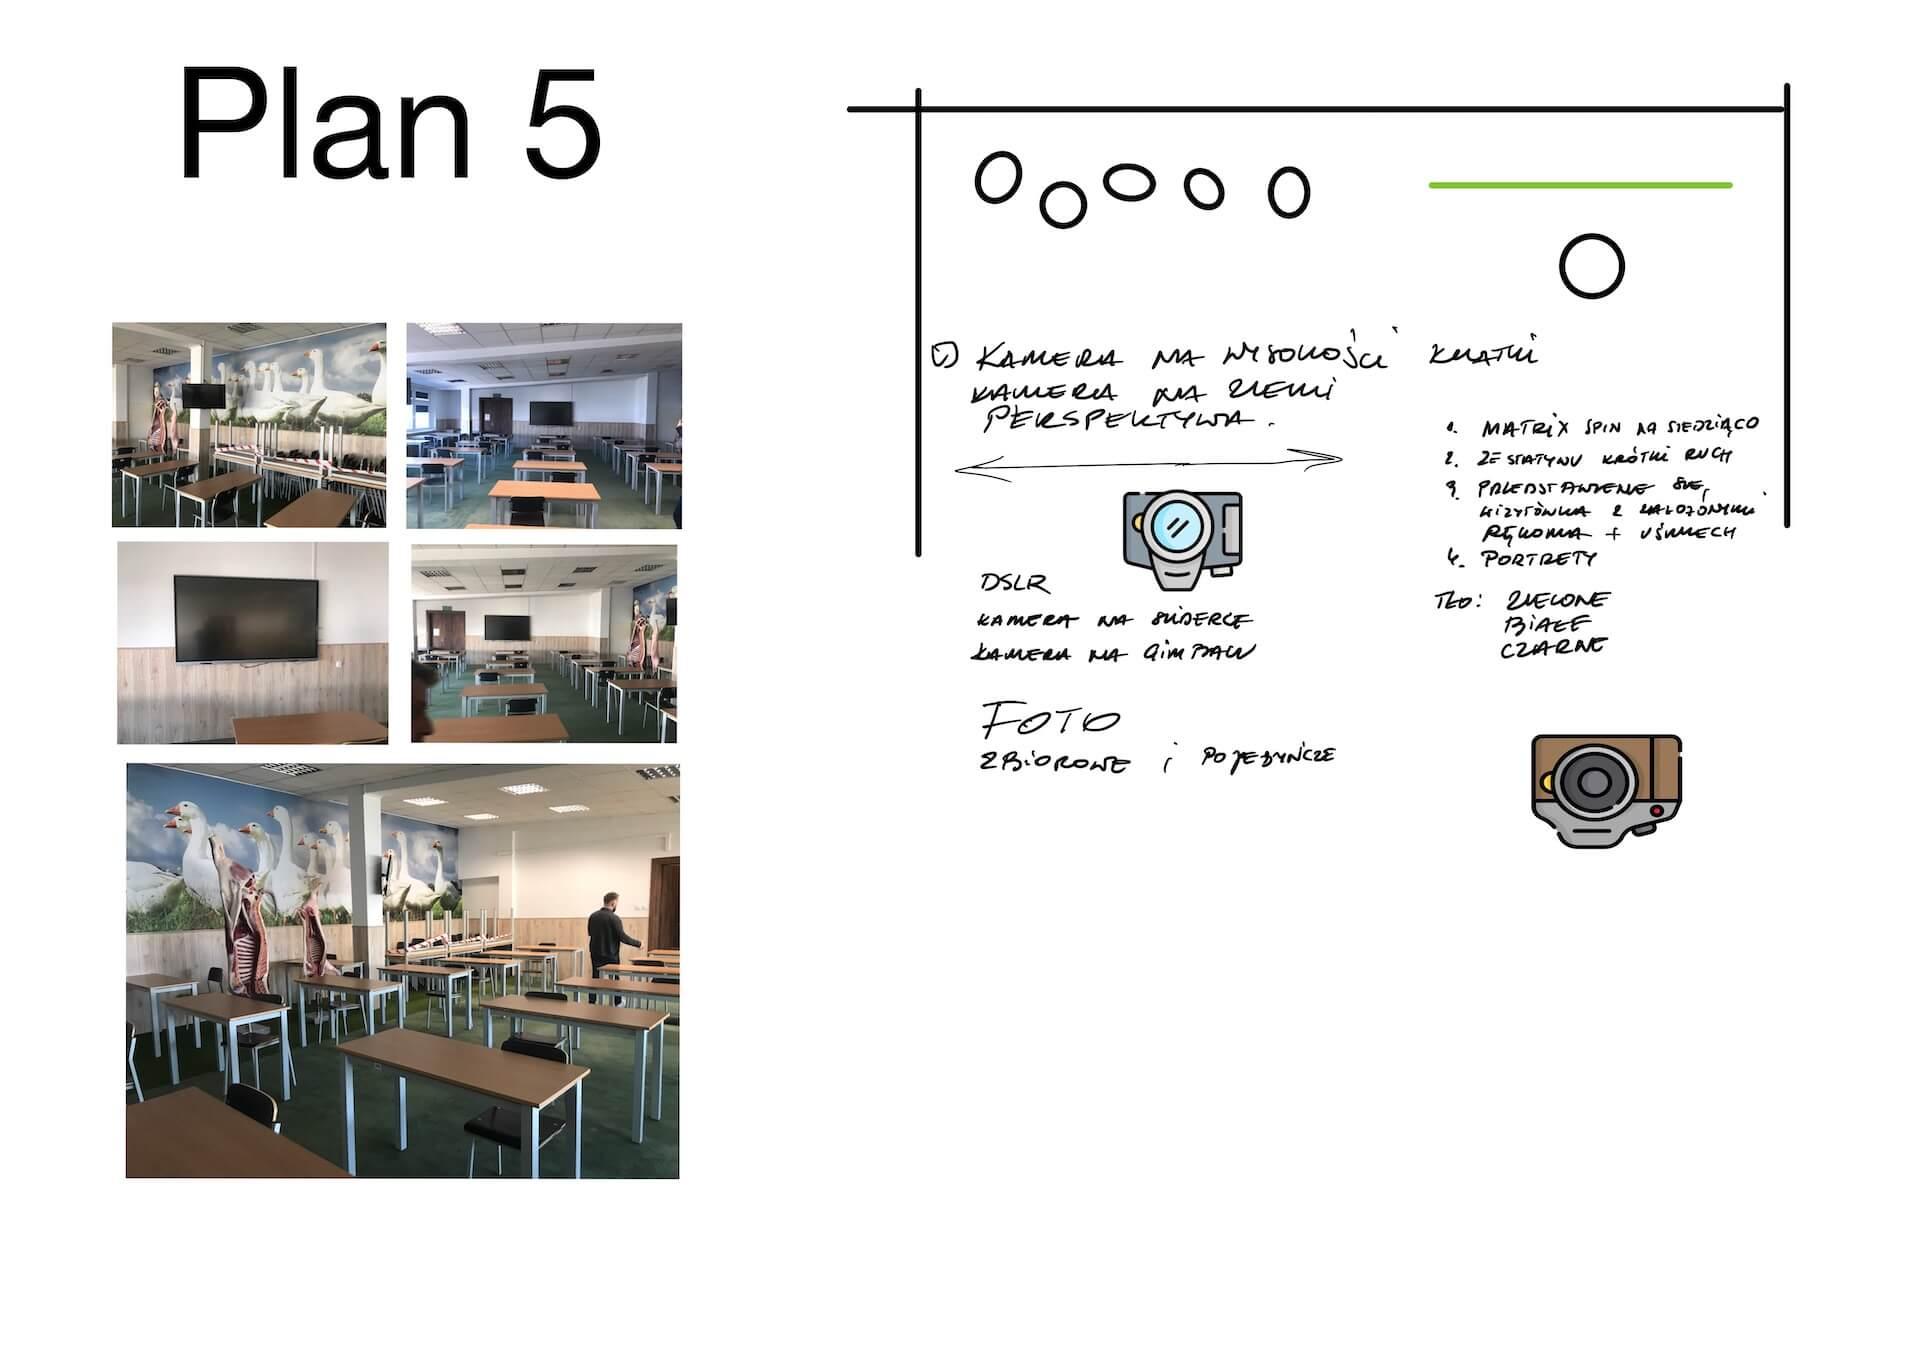 Plany Zdjęciowe UTP-5